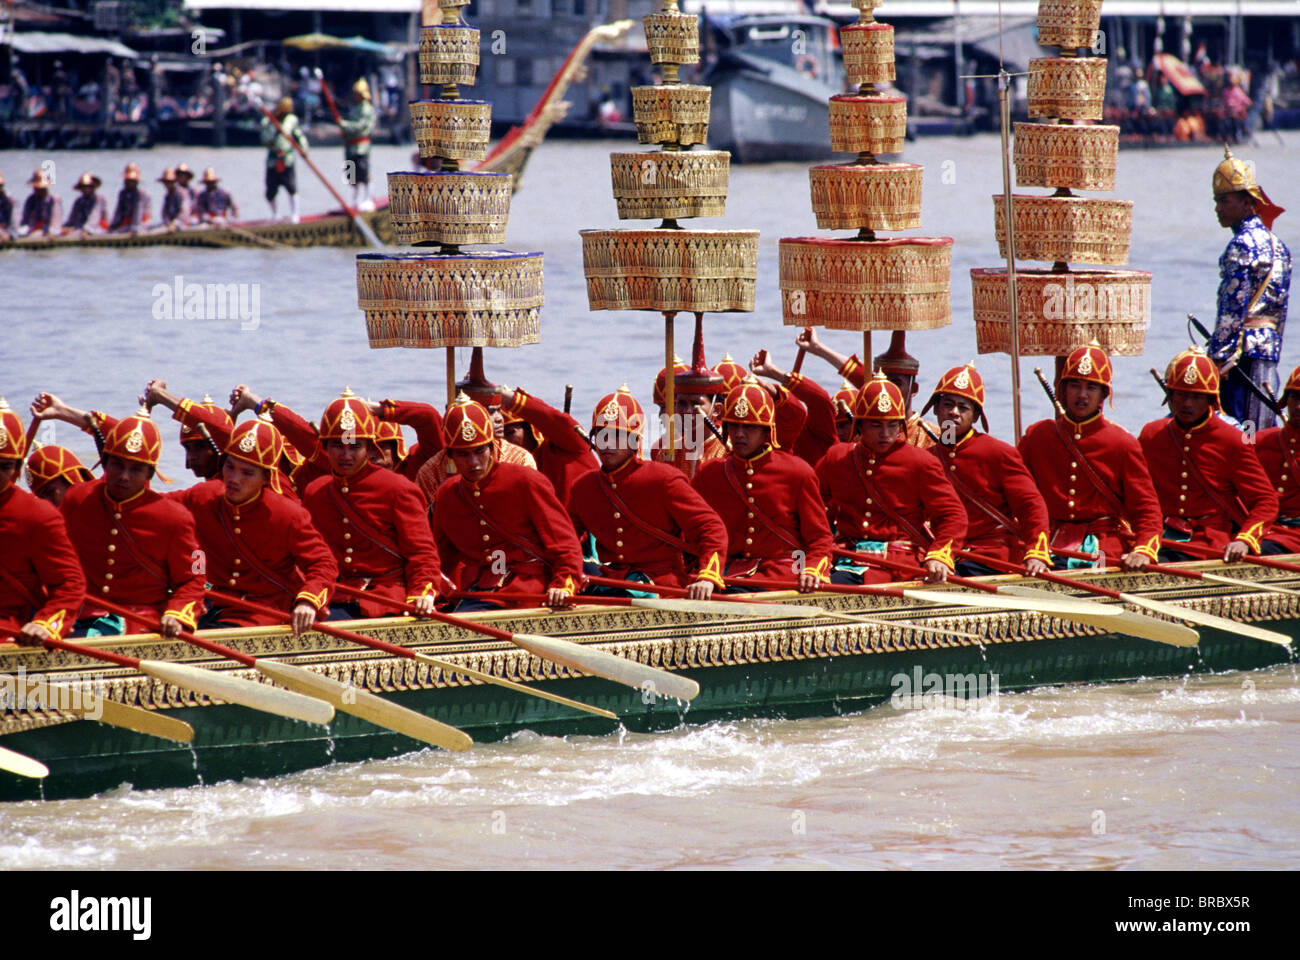 Royal Barge, Bangkok, Thailand - Stock Image